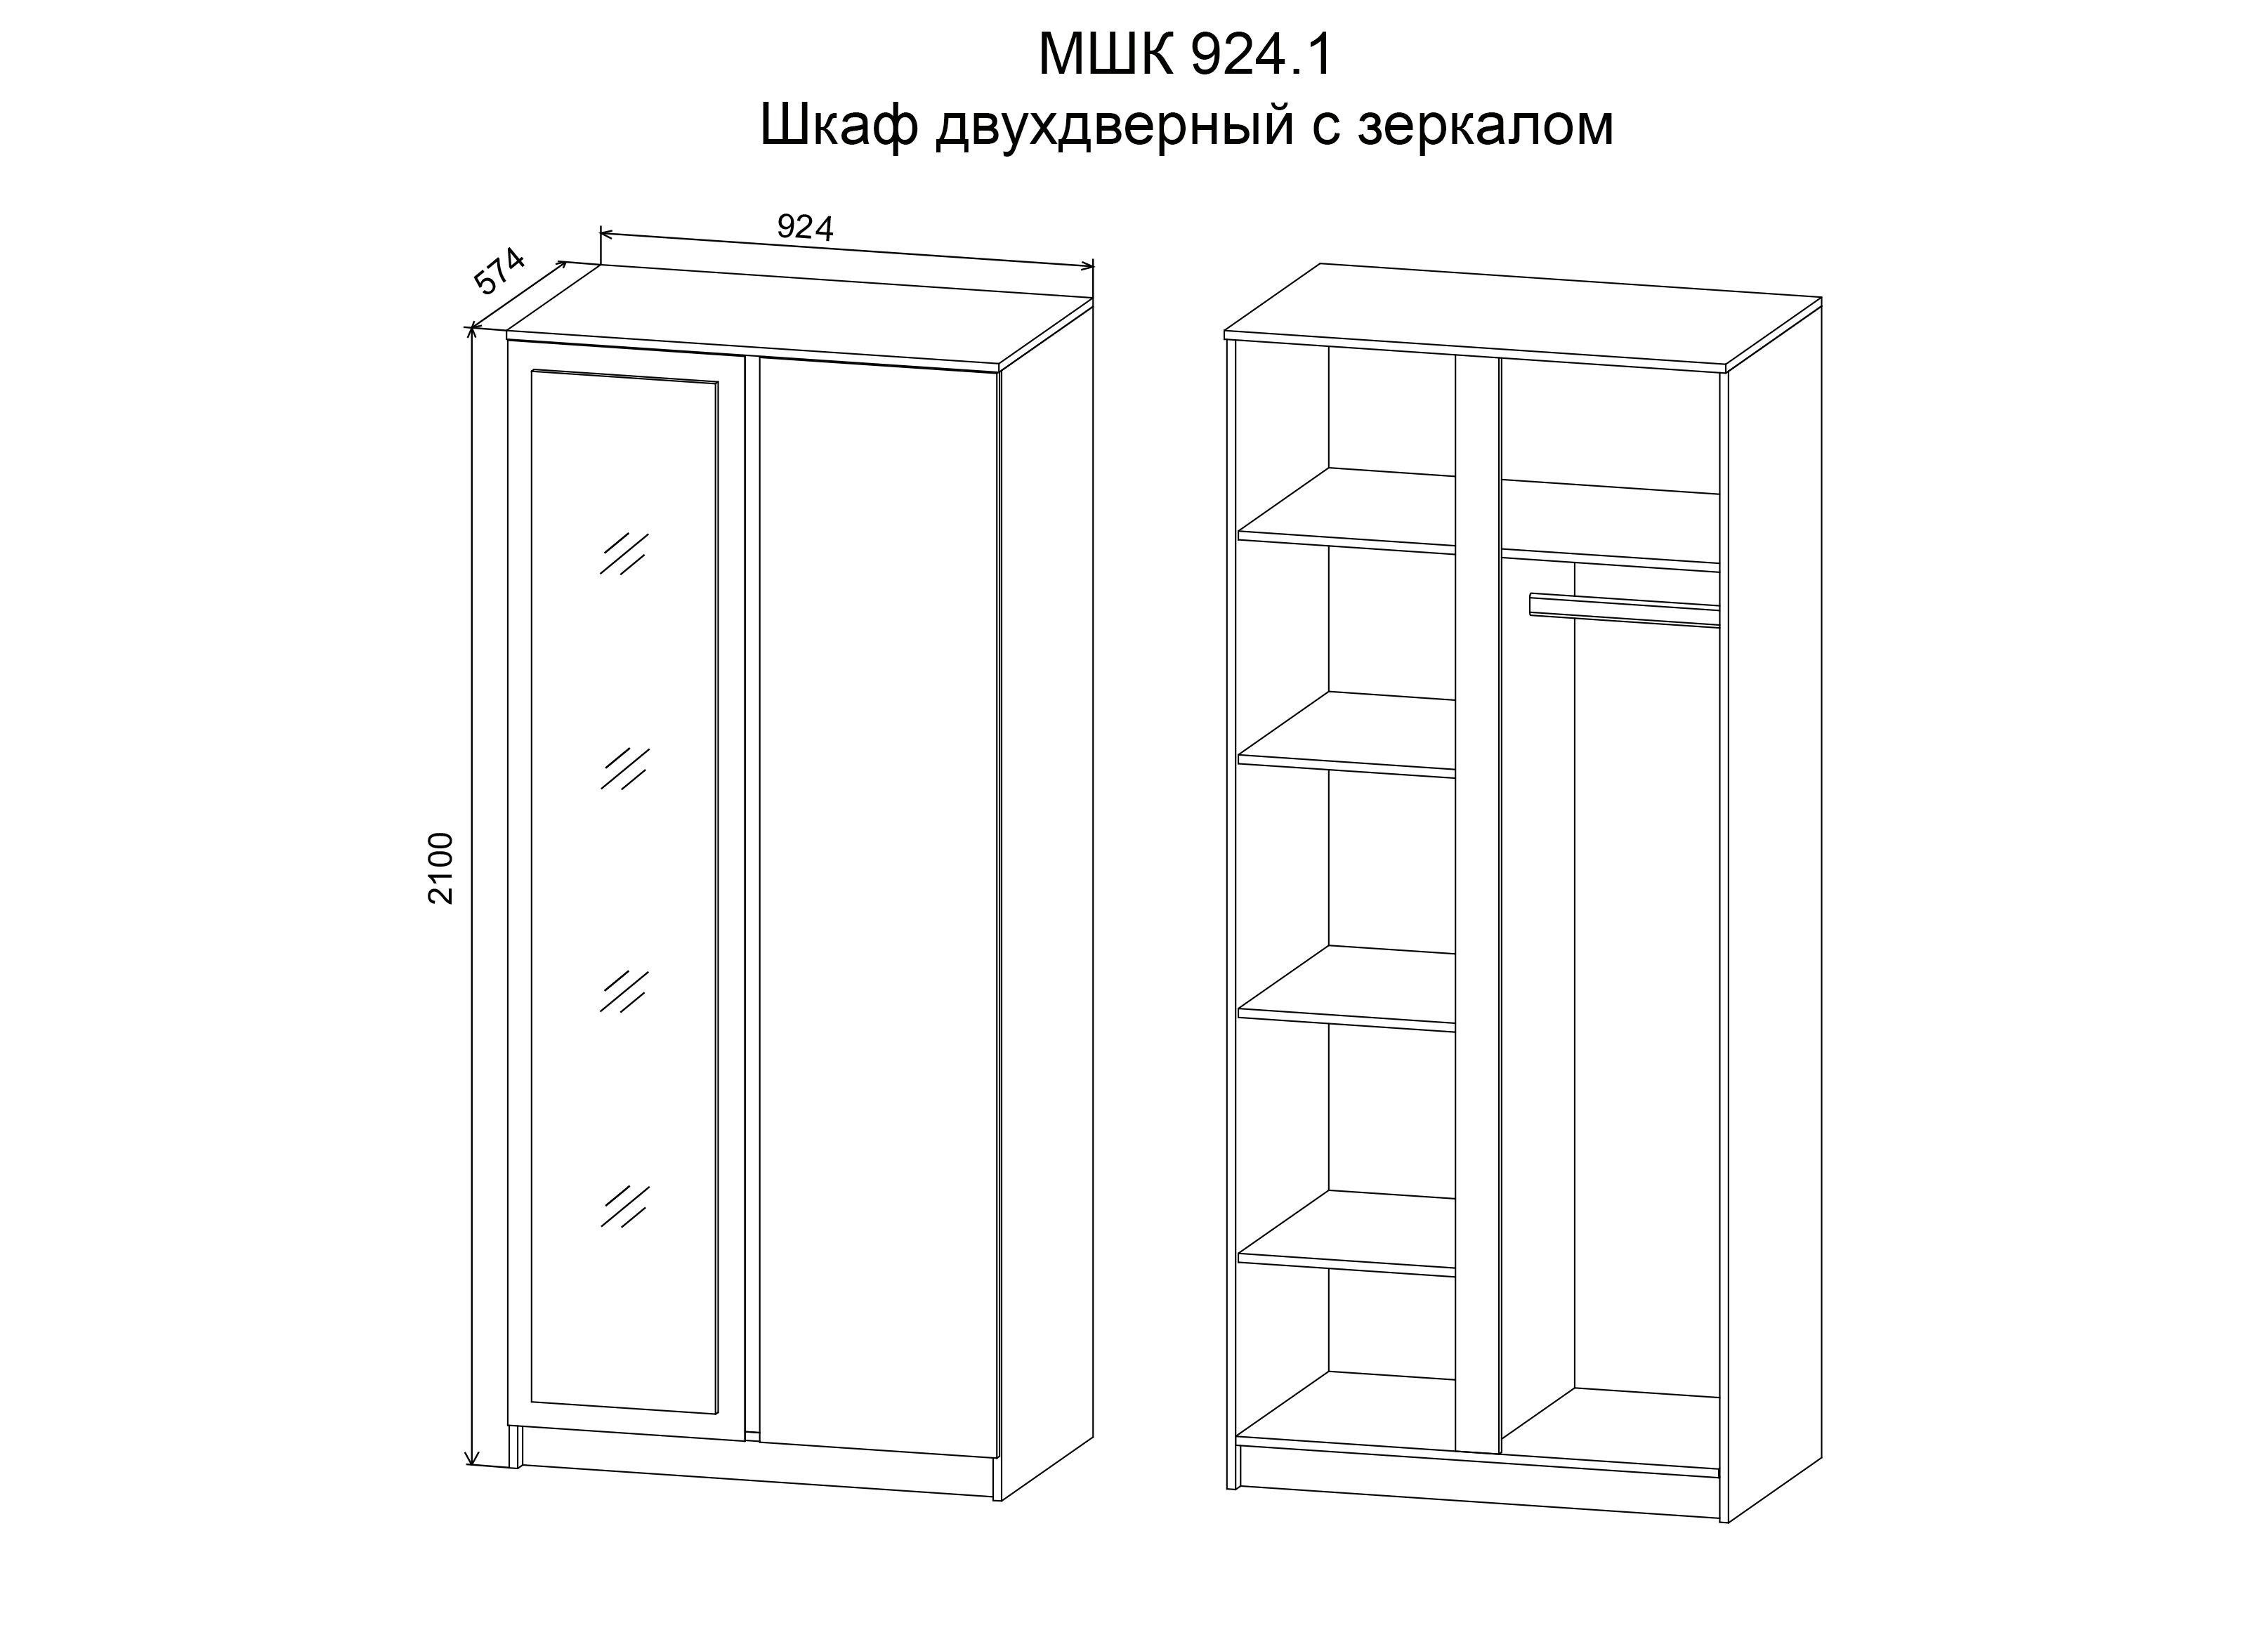 Марли шкаф МШК 924.1 полки штанга